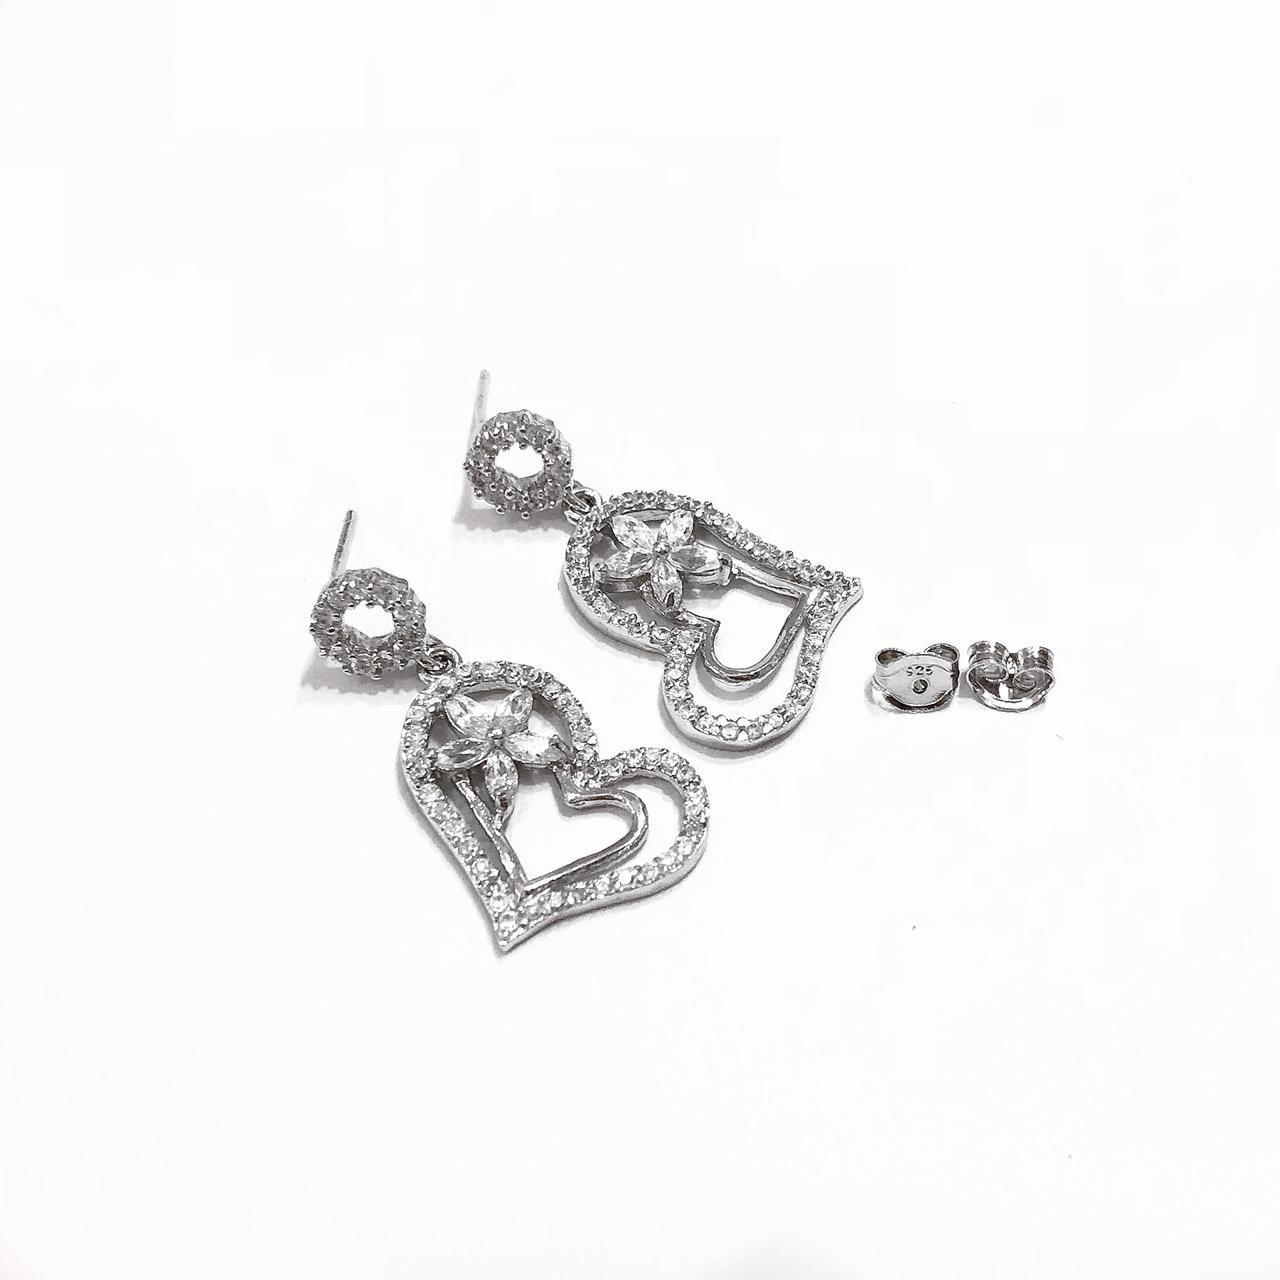 Brinco Coração Em Prata 925 Cravejado com  Zircônias Branca